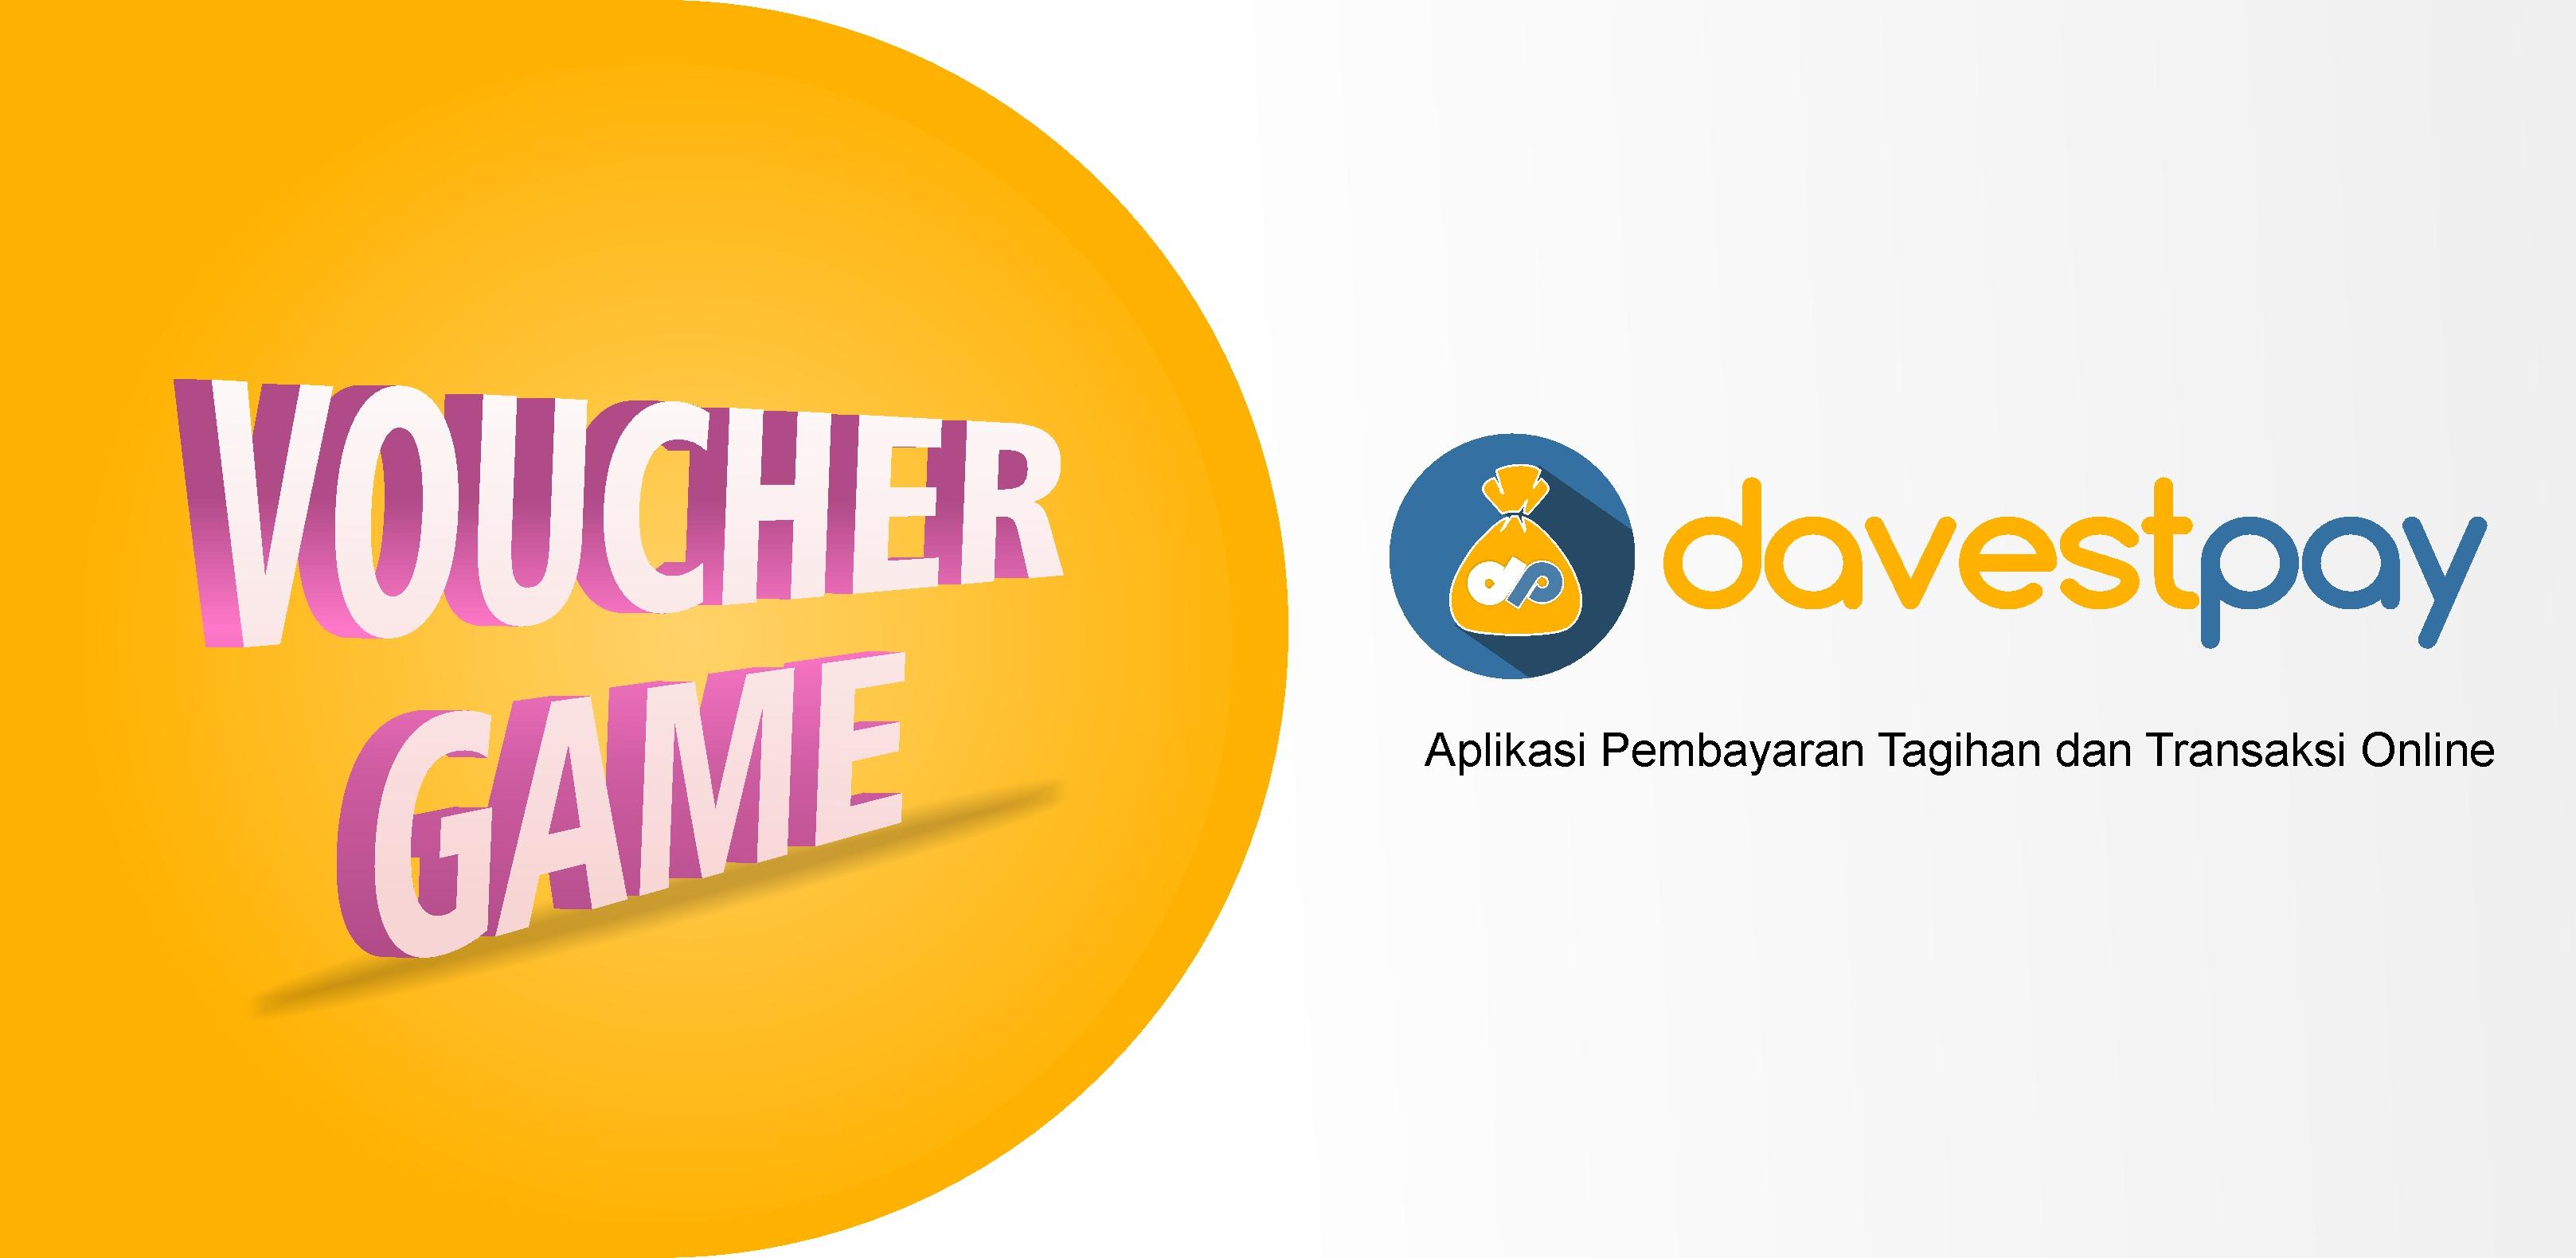 DavestPay Buat Pengalaman Beli Voucher Games Online Jadi Makin Untung